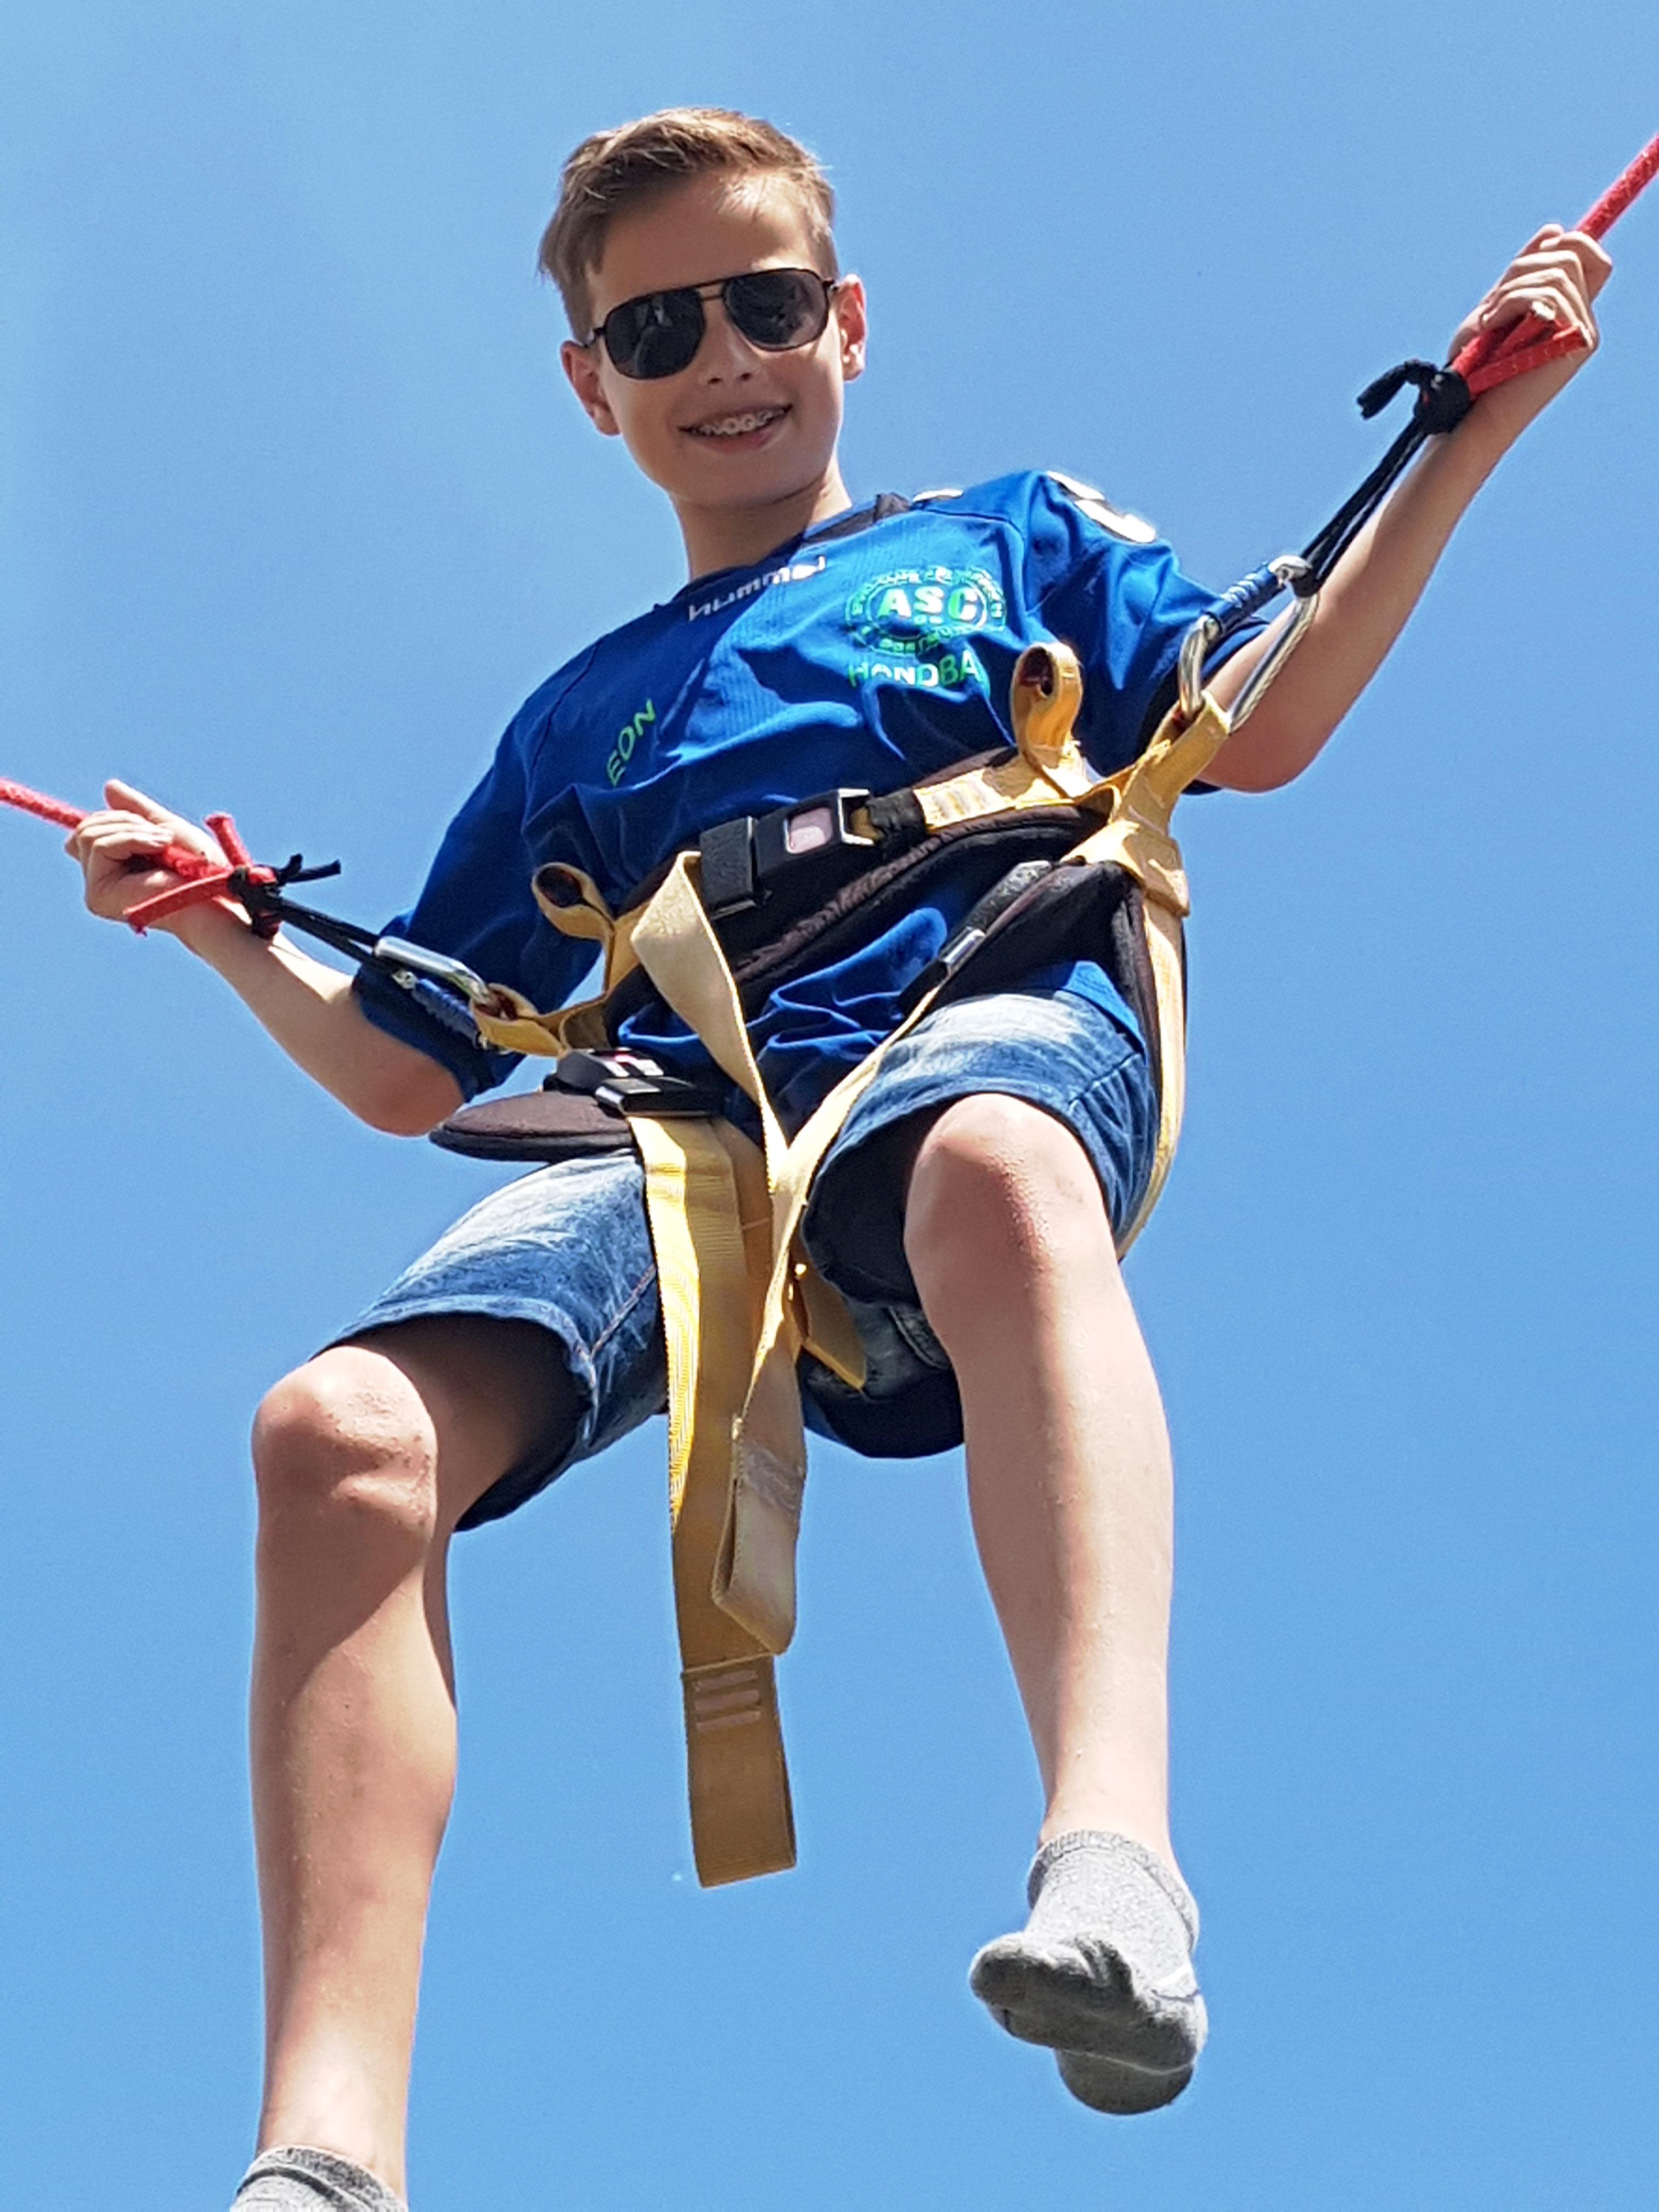 . . . das zweite Bild animiert zu sportlichen Höhenflügen . . .